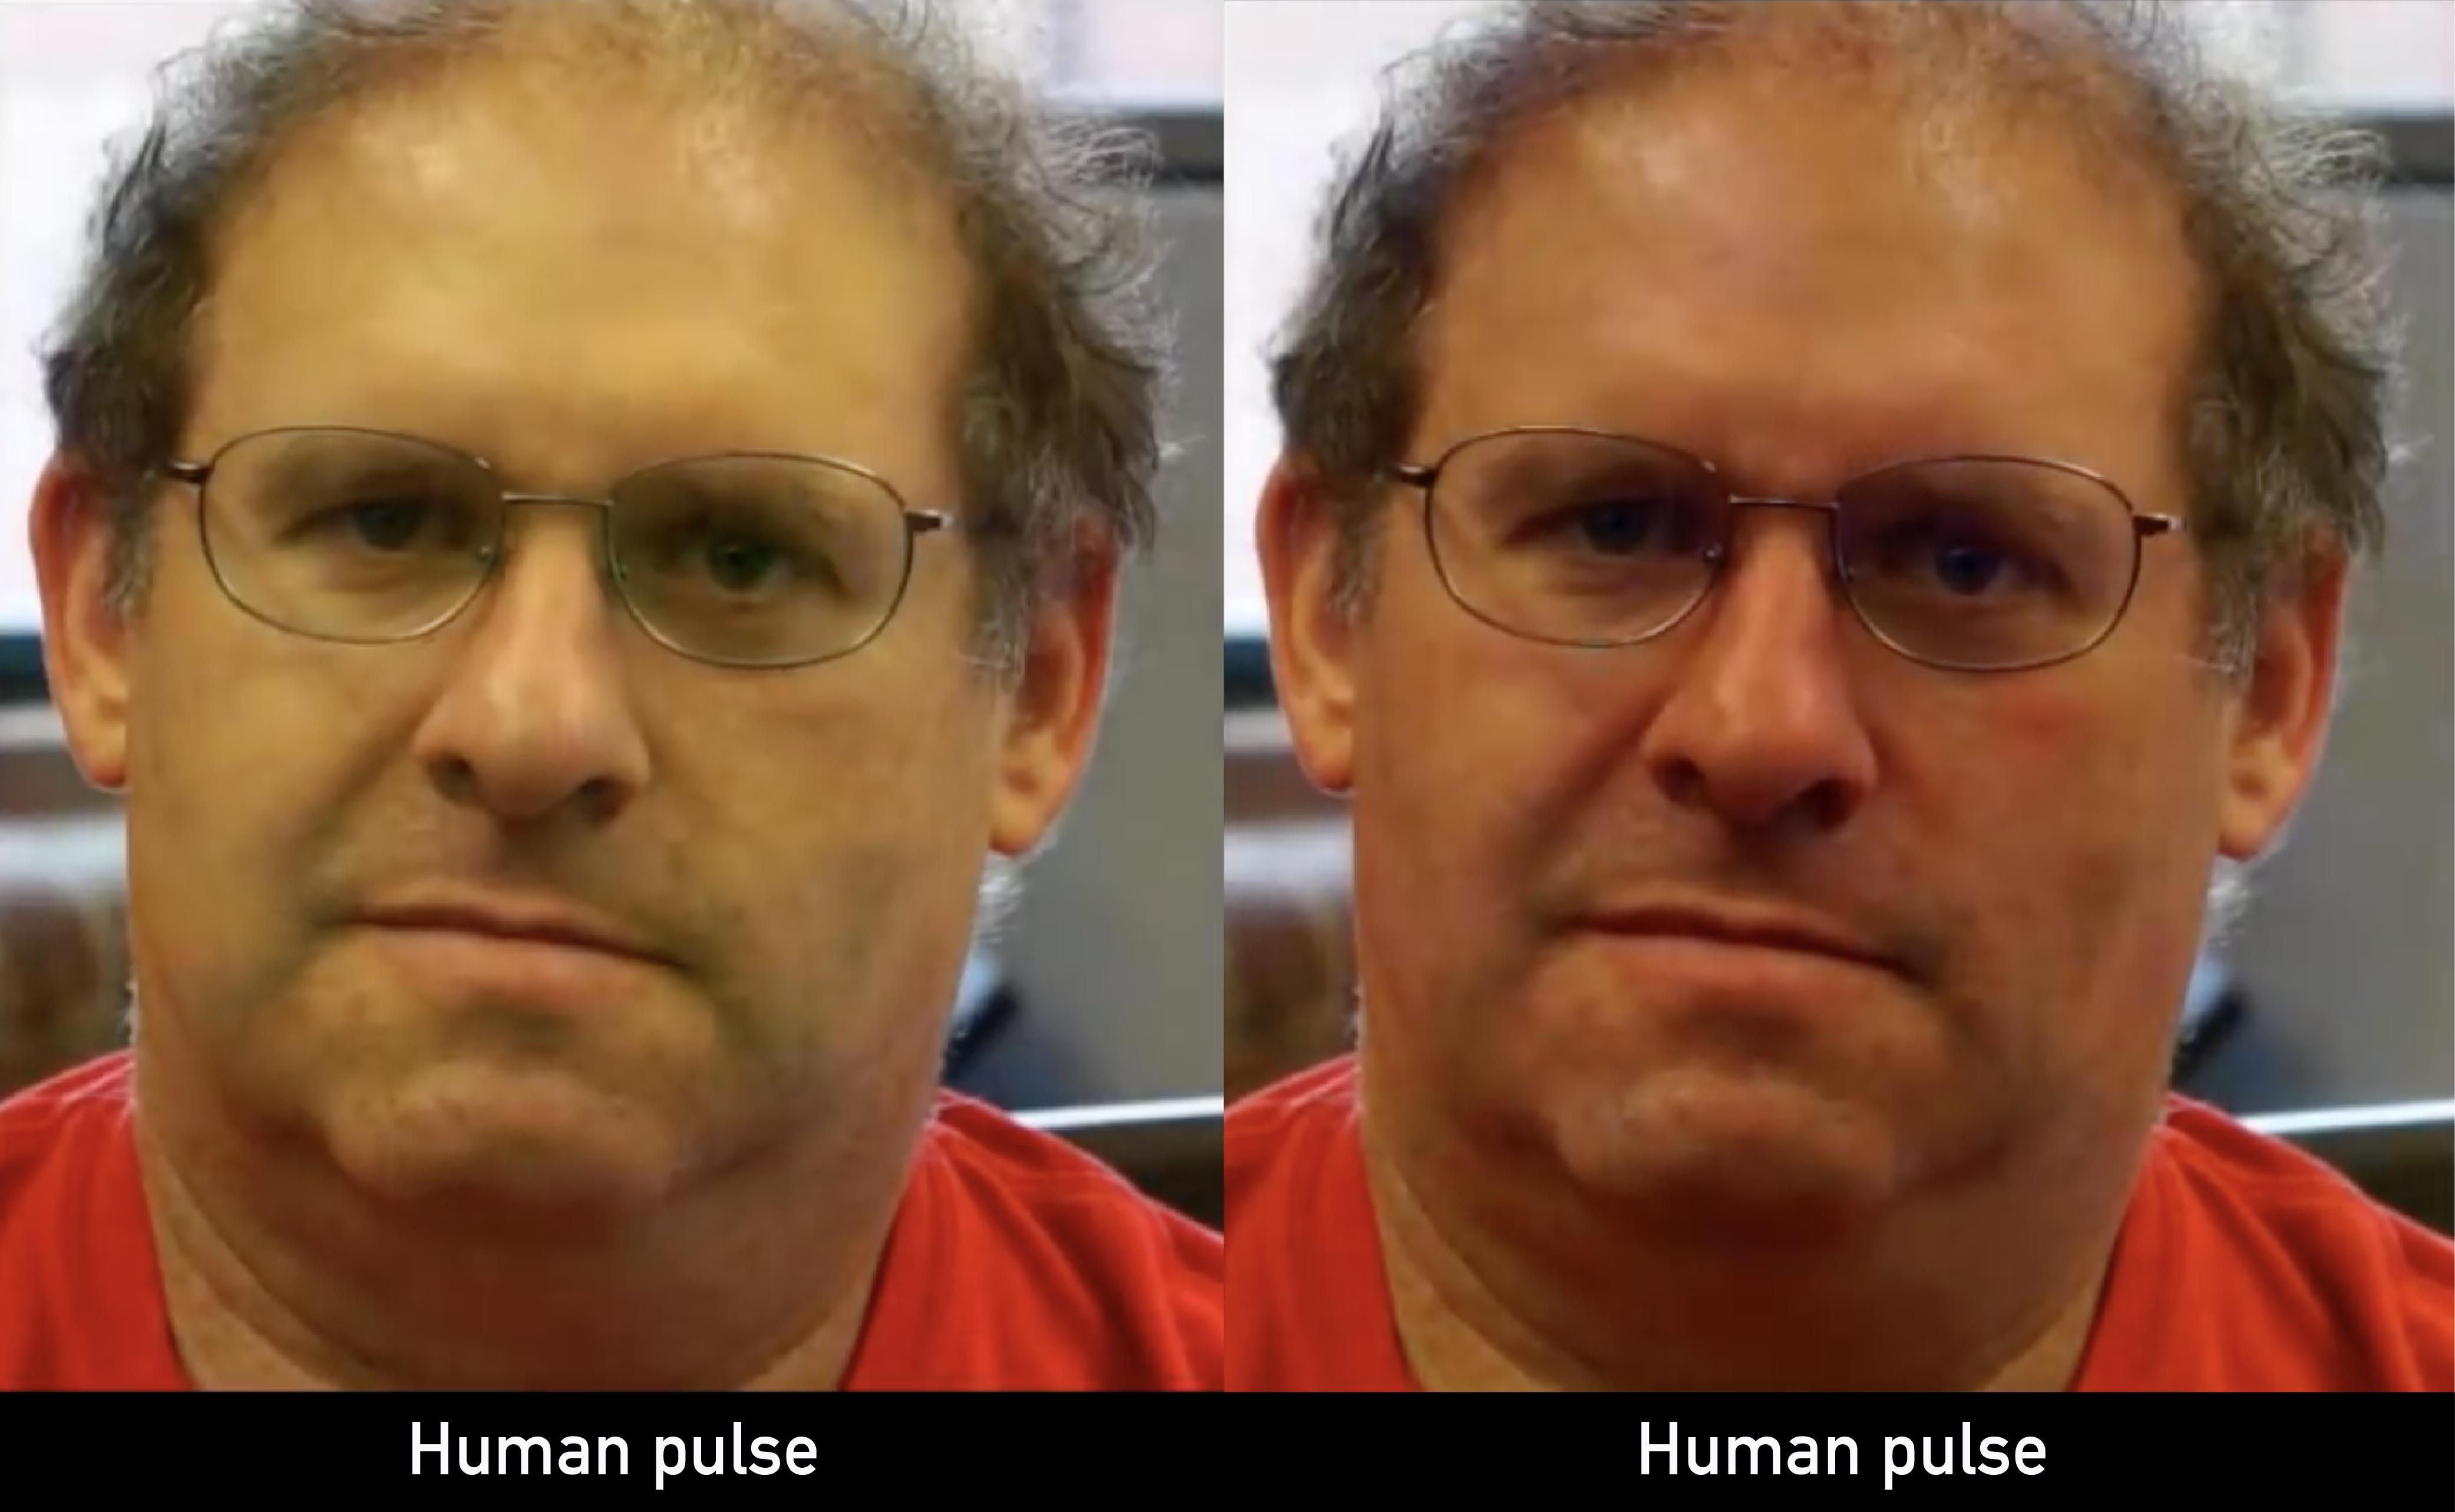 心跳訊號放大 100 倍的手機拍攝影像,可以看見當血液被打上來通過臉部,皮膚顏色明顯變紅(右圖)。 圖│Revealing Invisible Changes In The World